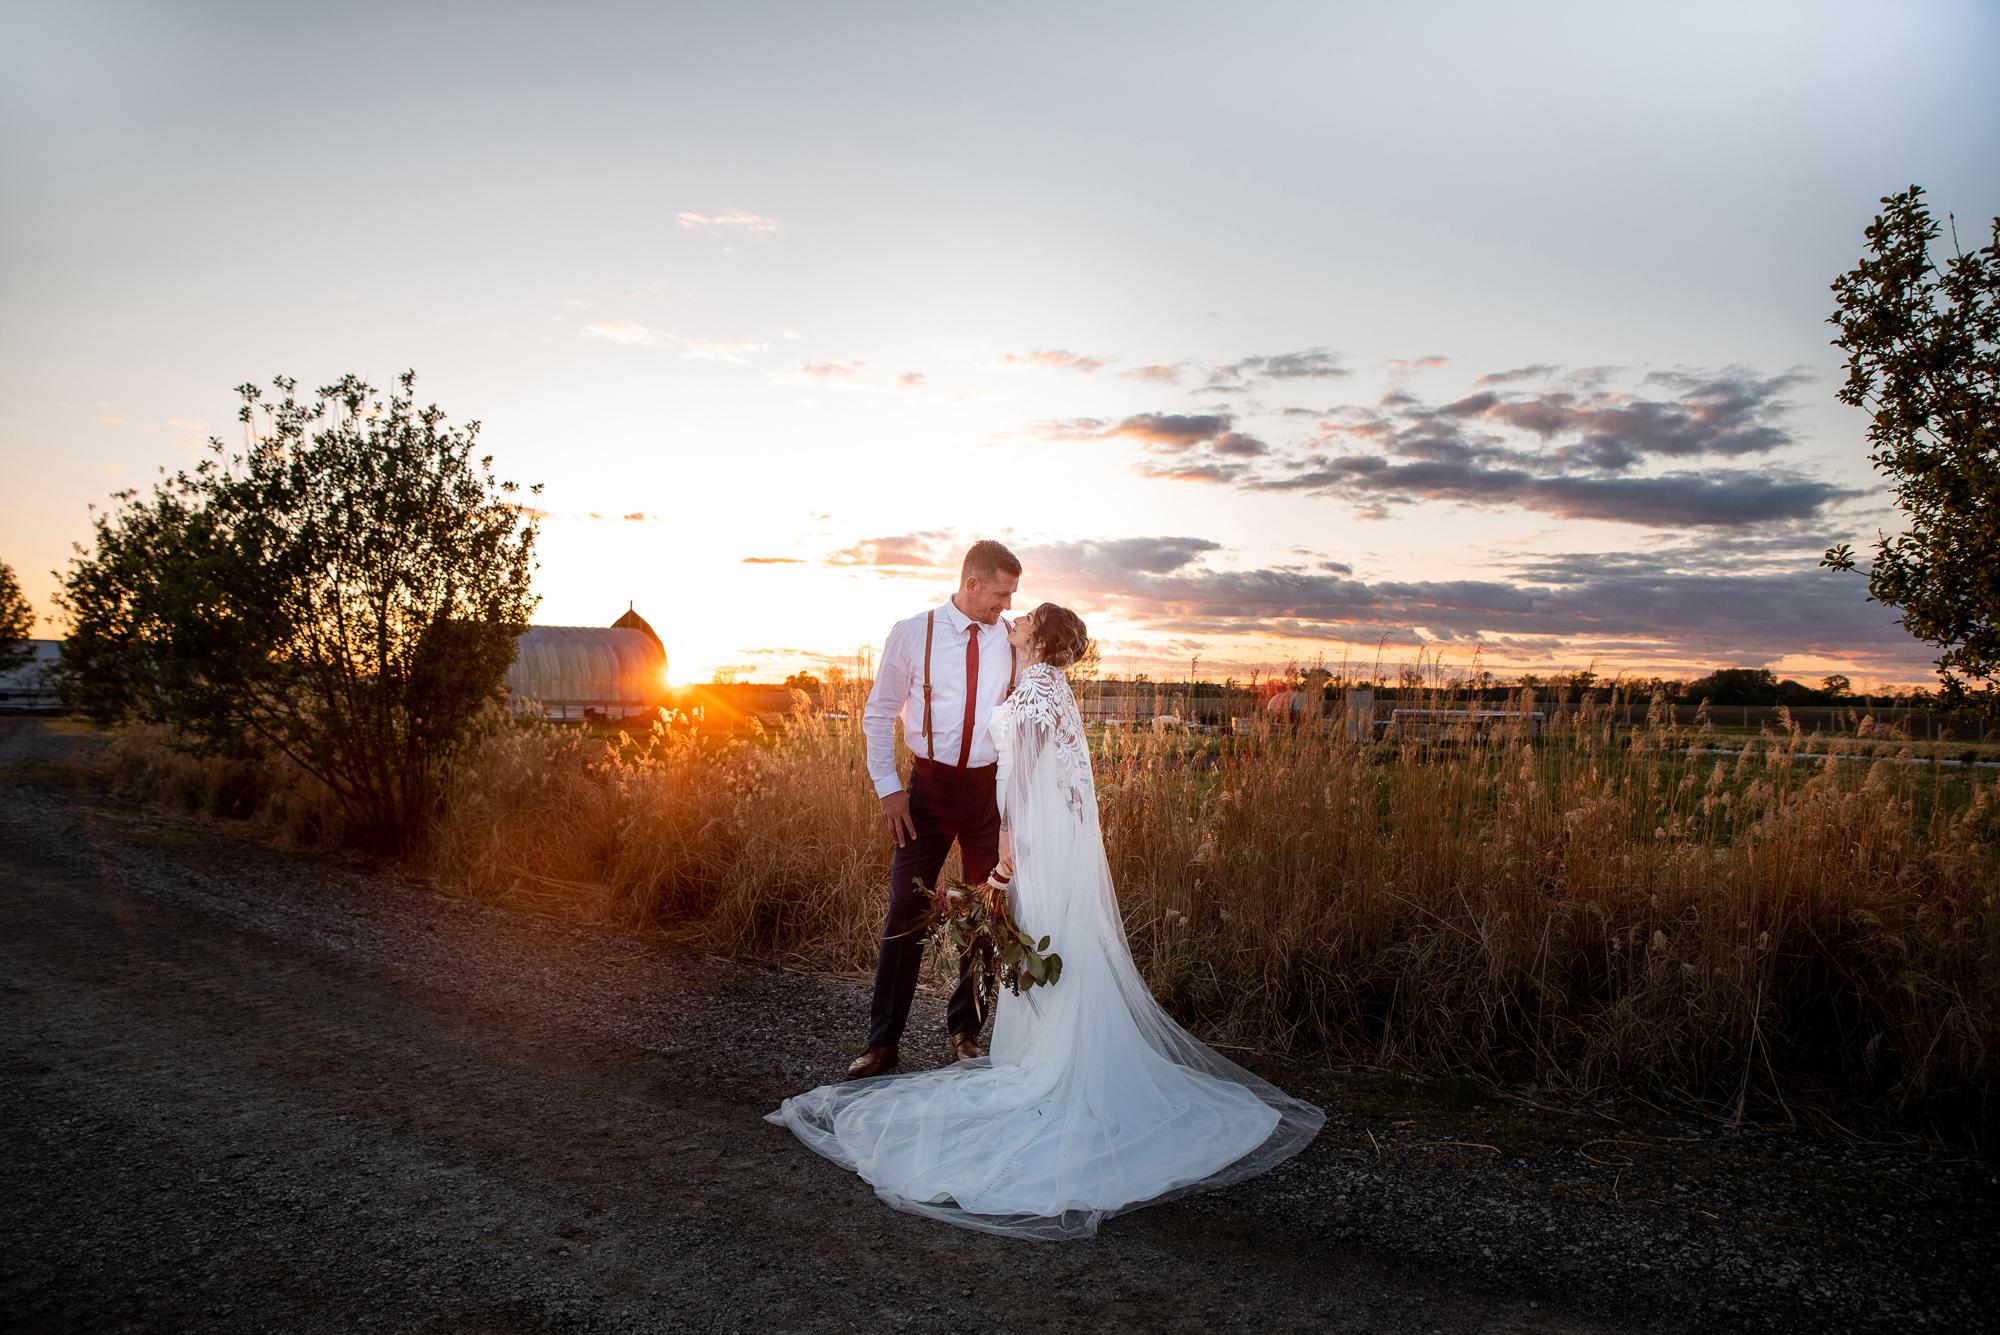 heban's field of dreams wedding photo